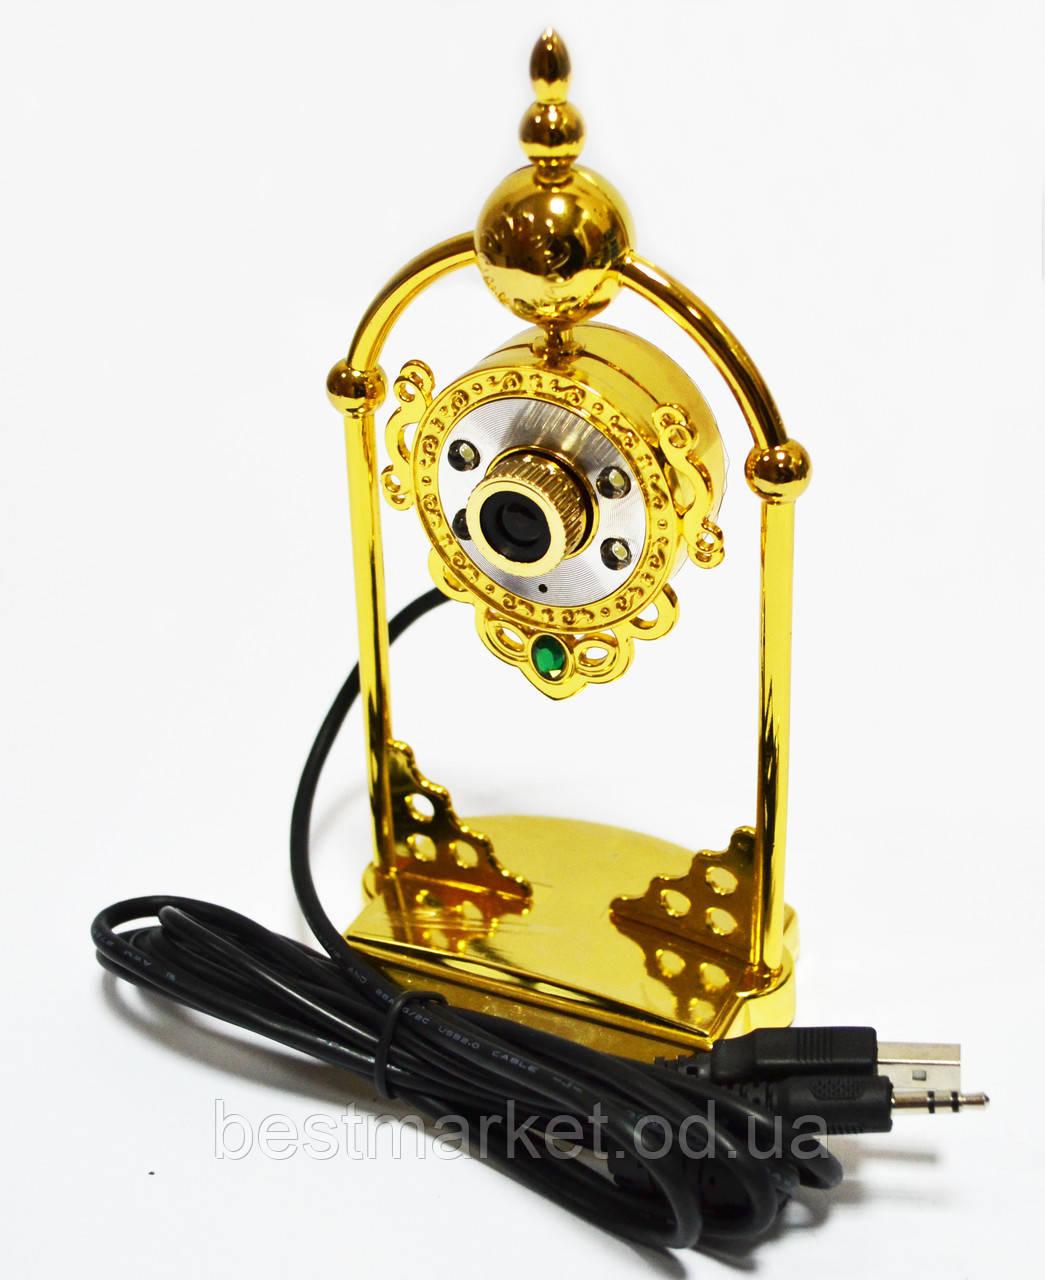 Веб-камера WC-HD (часы), оригинальная веб камера с микрофоном